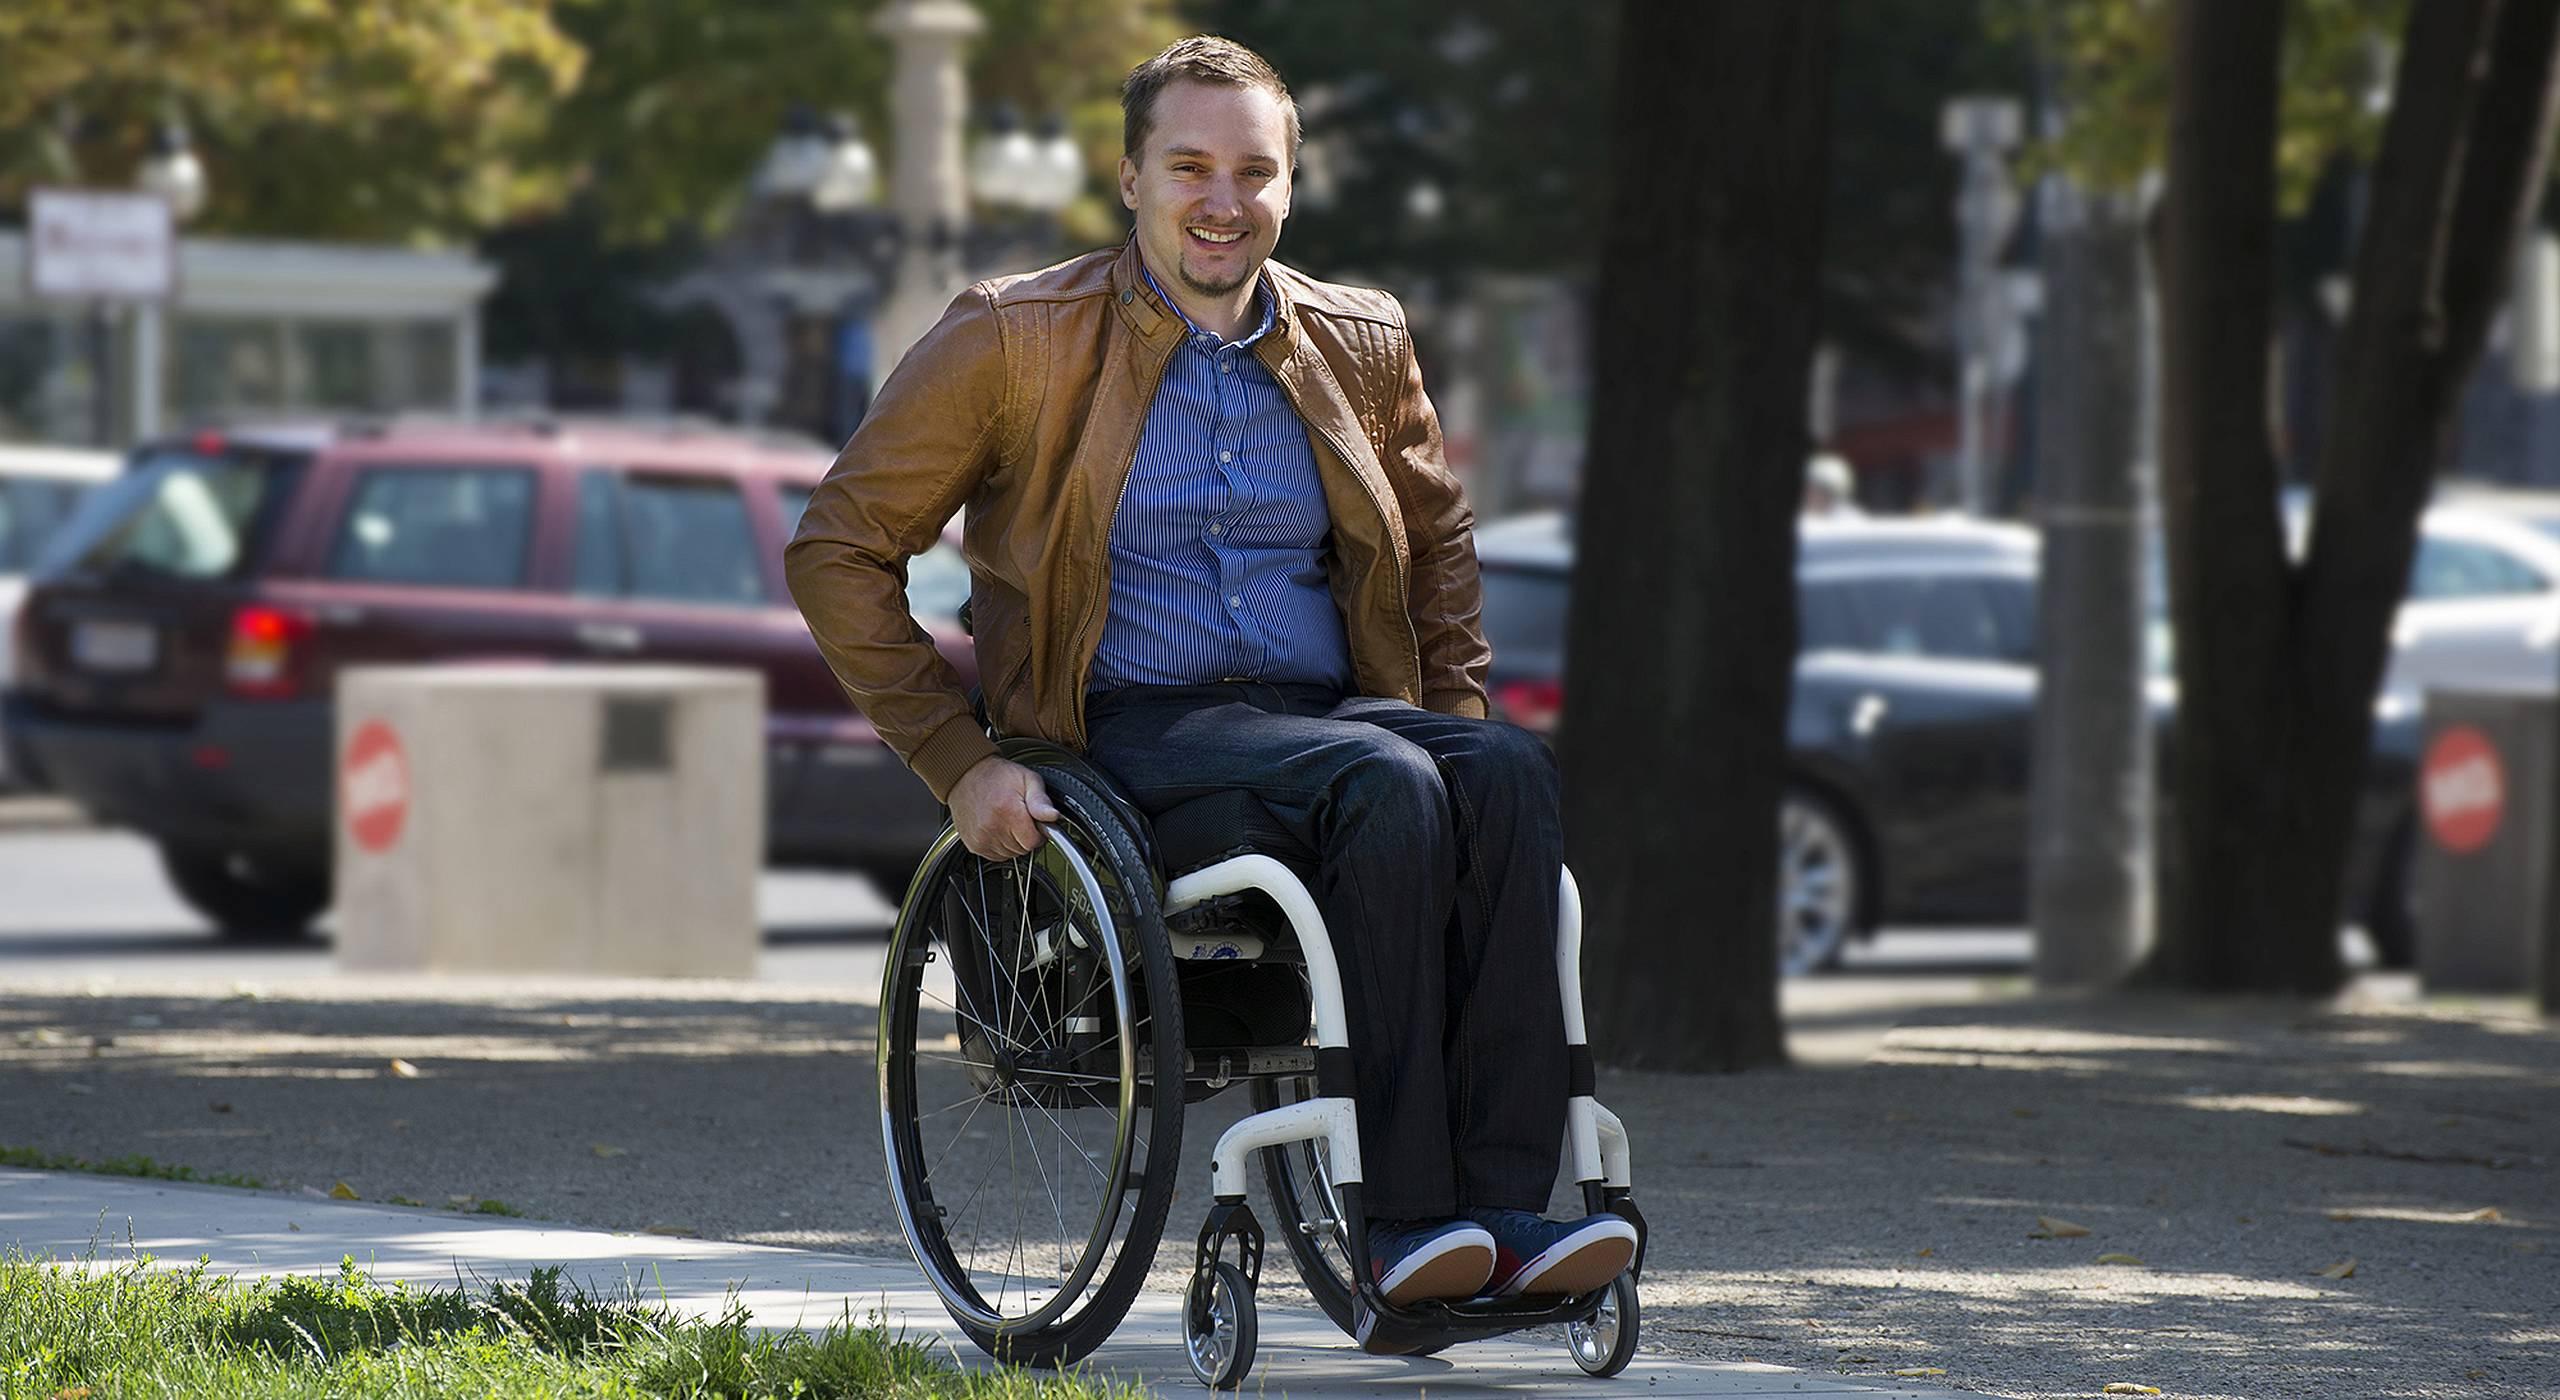 Ein Rollstuhlnutzer fährt durch einen Park in Wien. Foto von Ernst Grünwald